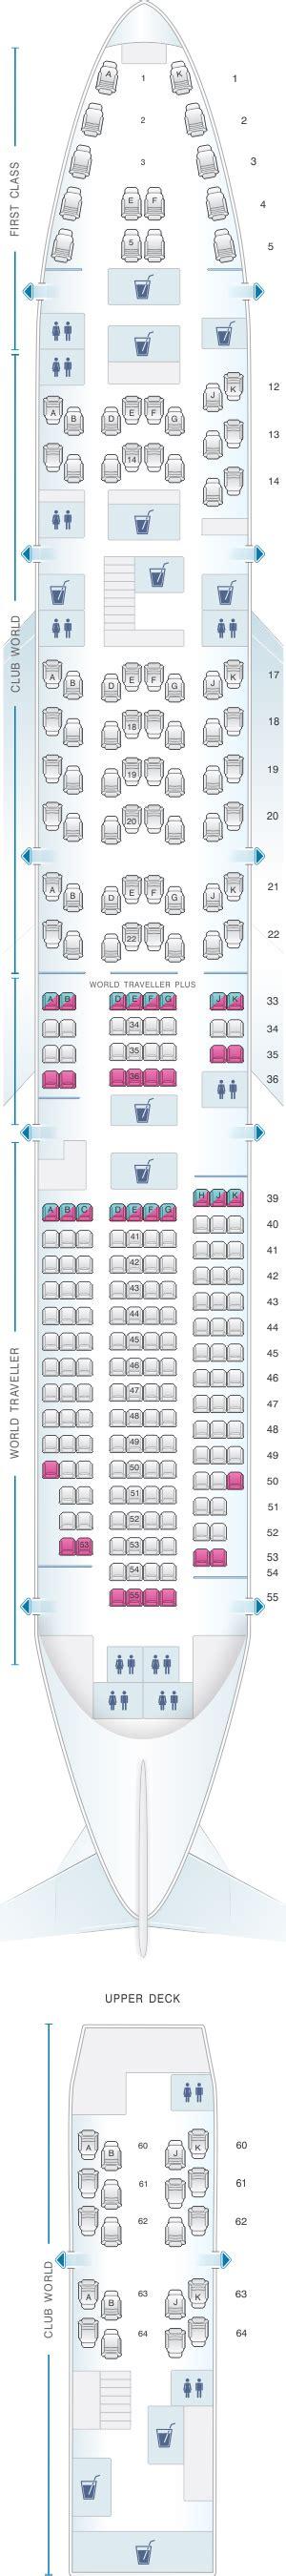 mapa de asientos airways boeing b747 400 275pax plano avión seatmaestro es